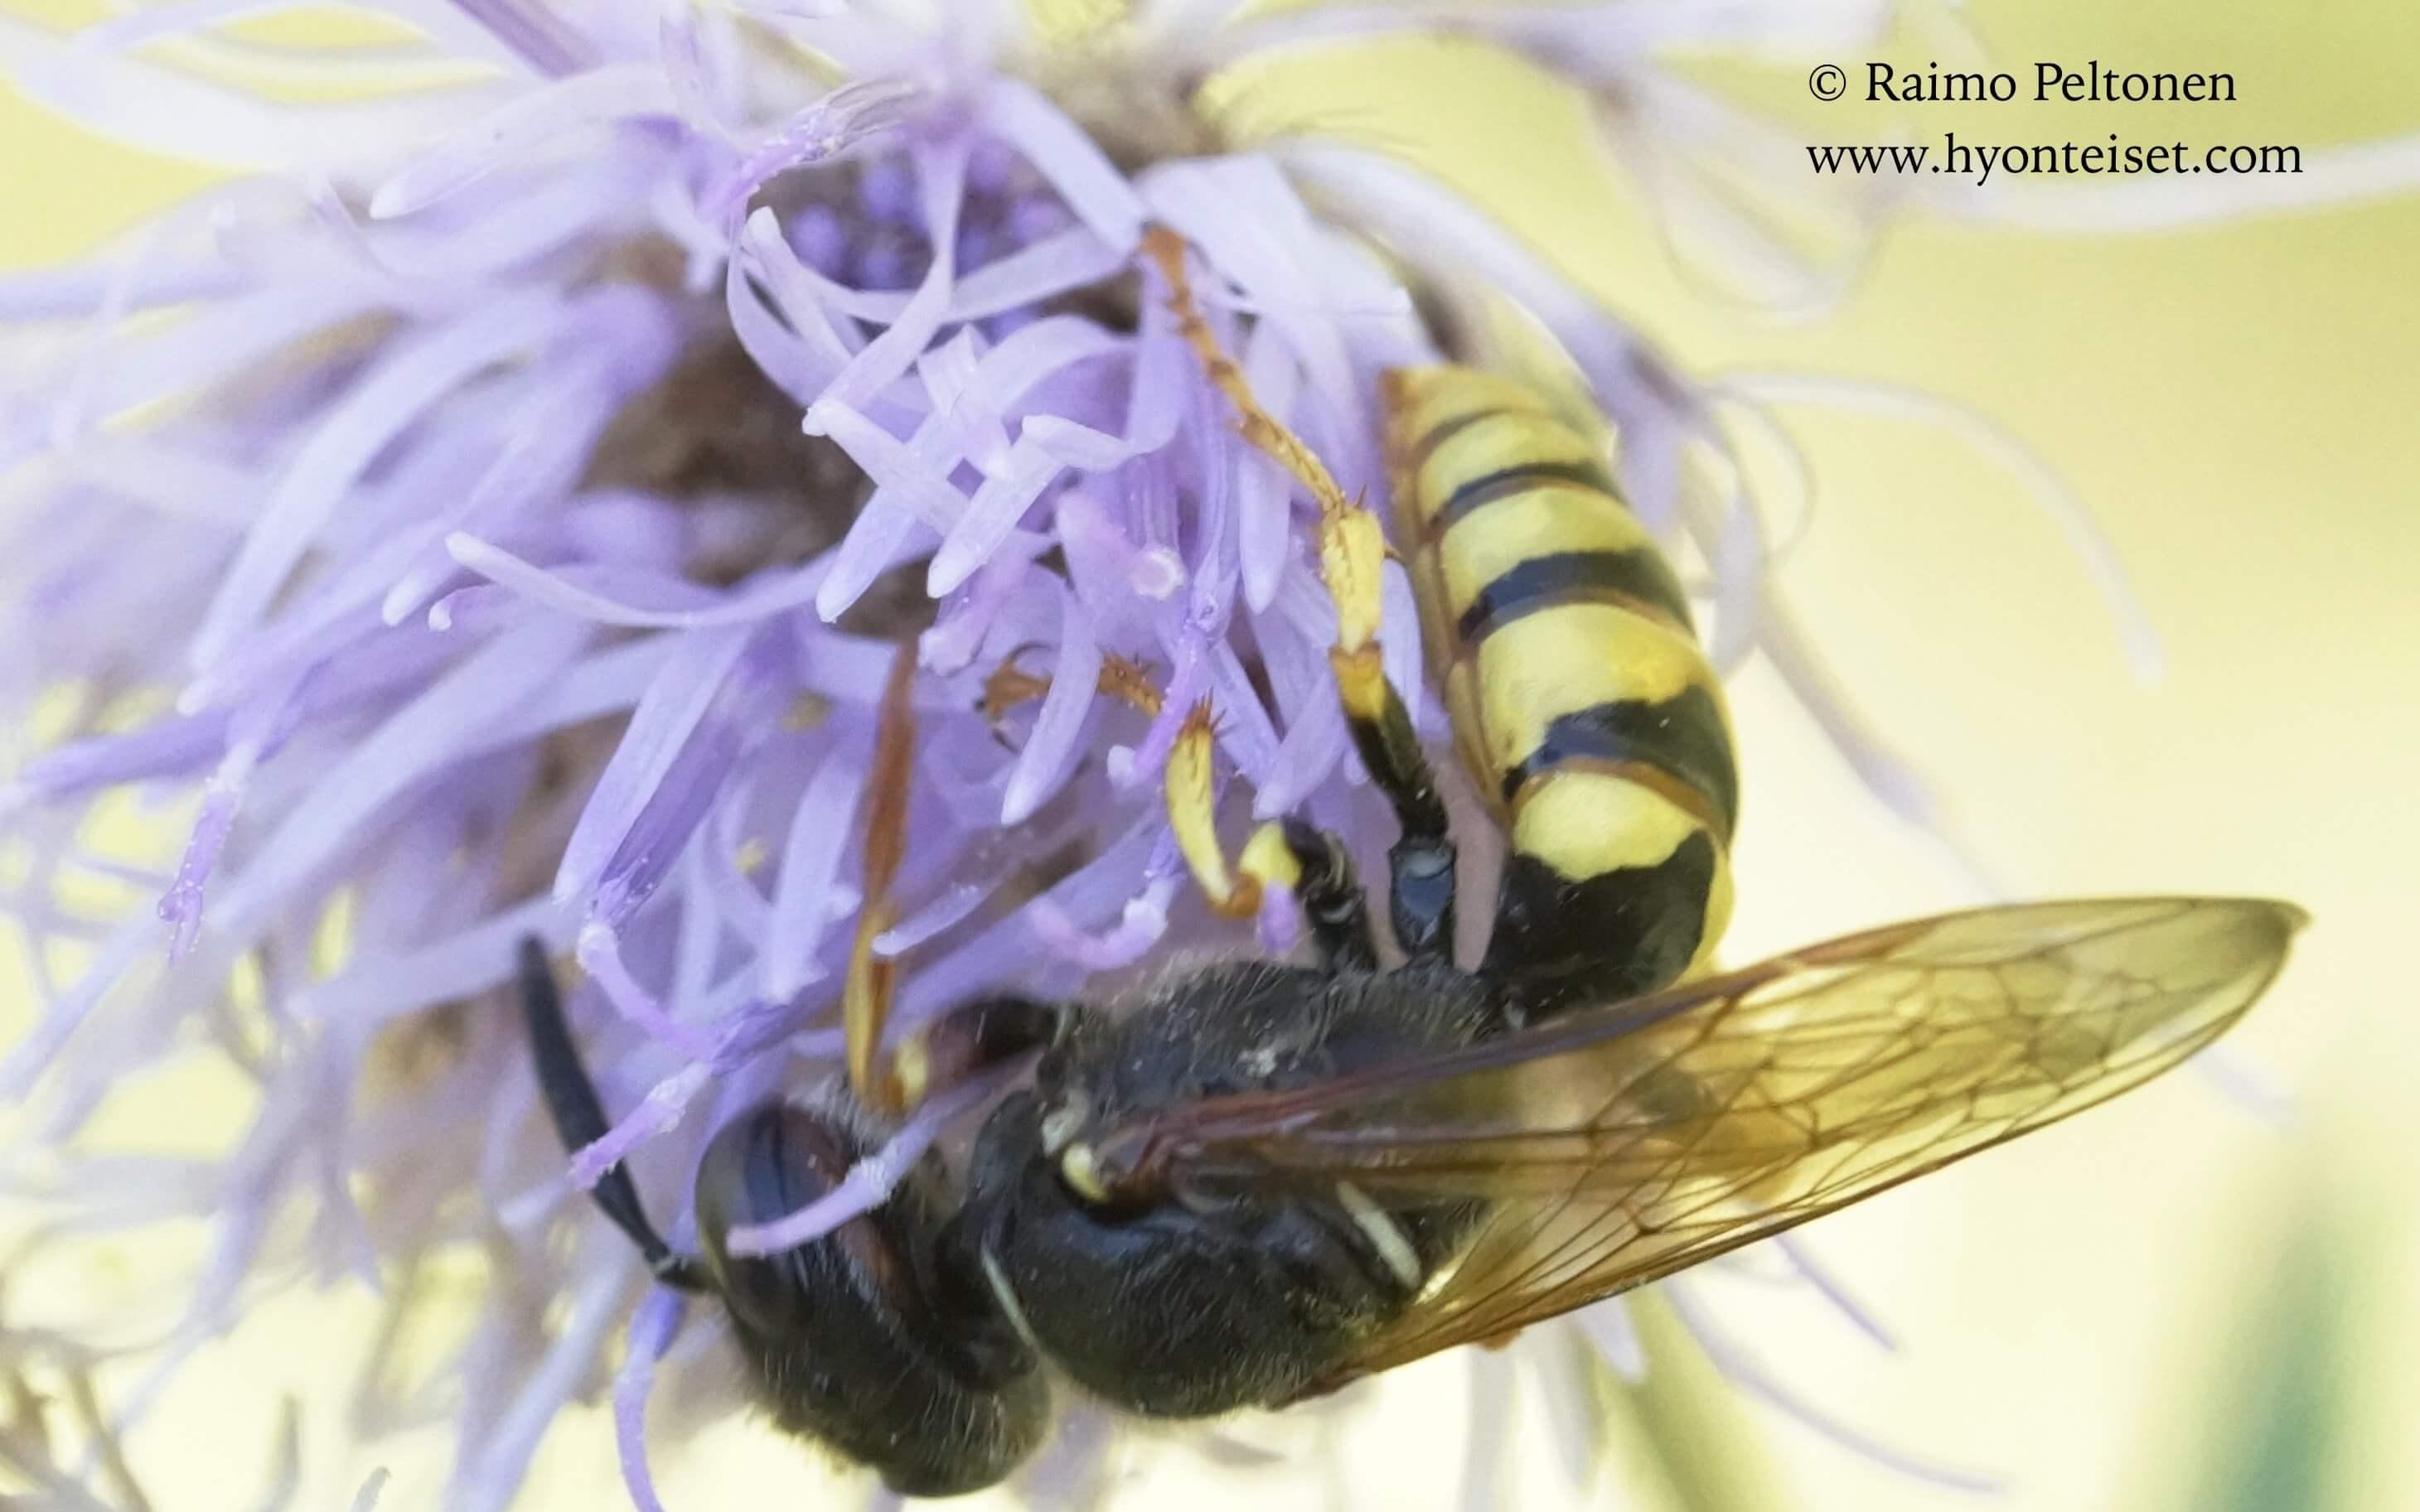 Philanthus trianguum-mehiläishukka, naaras (det. Juho Paukkonen)